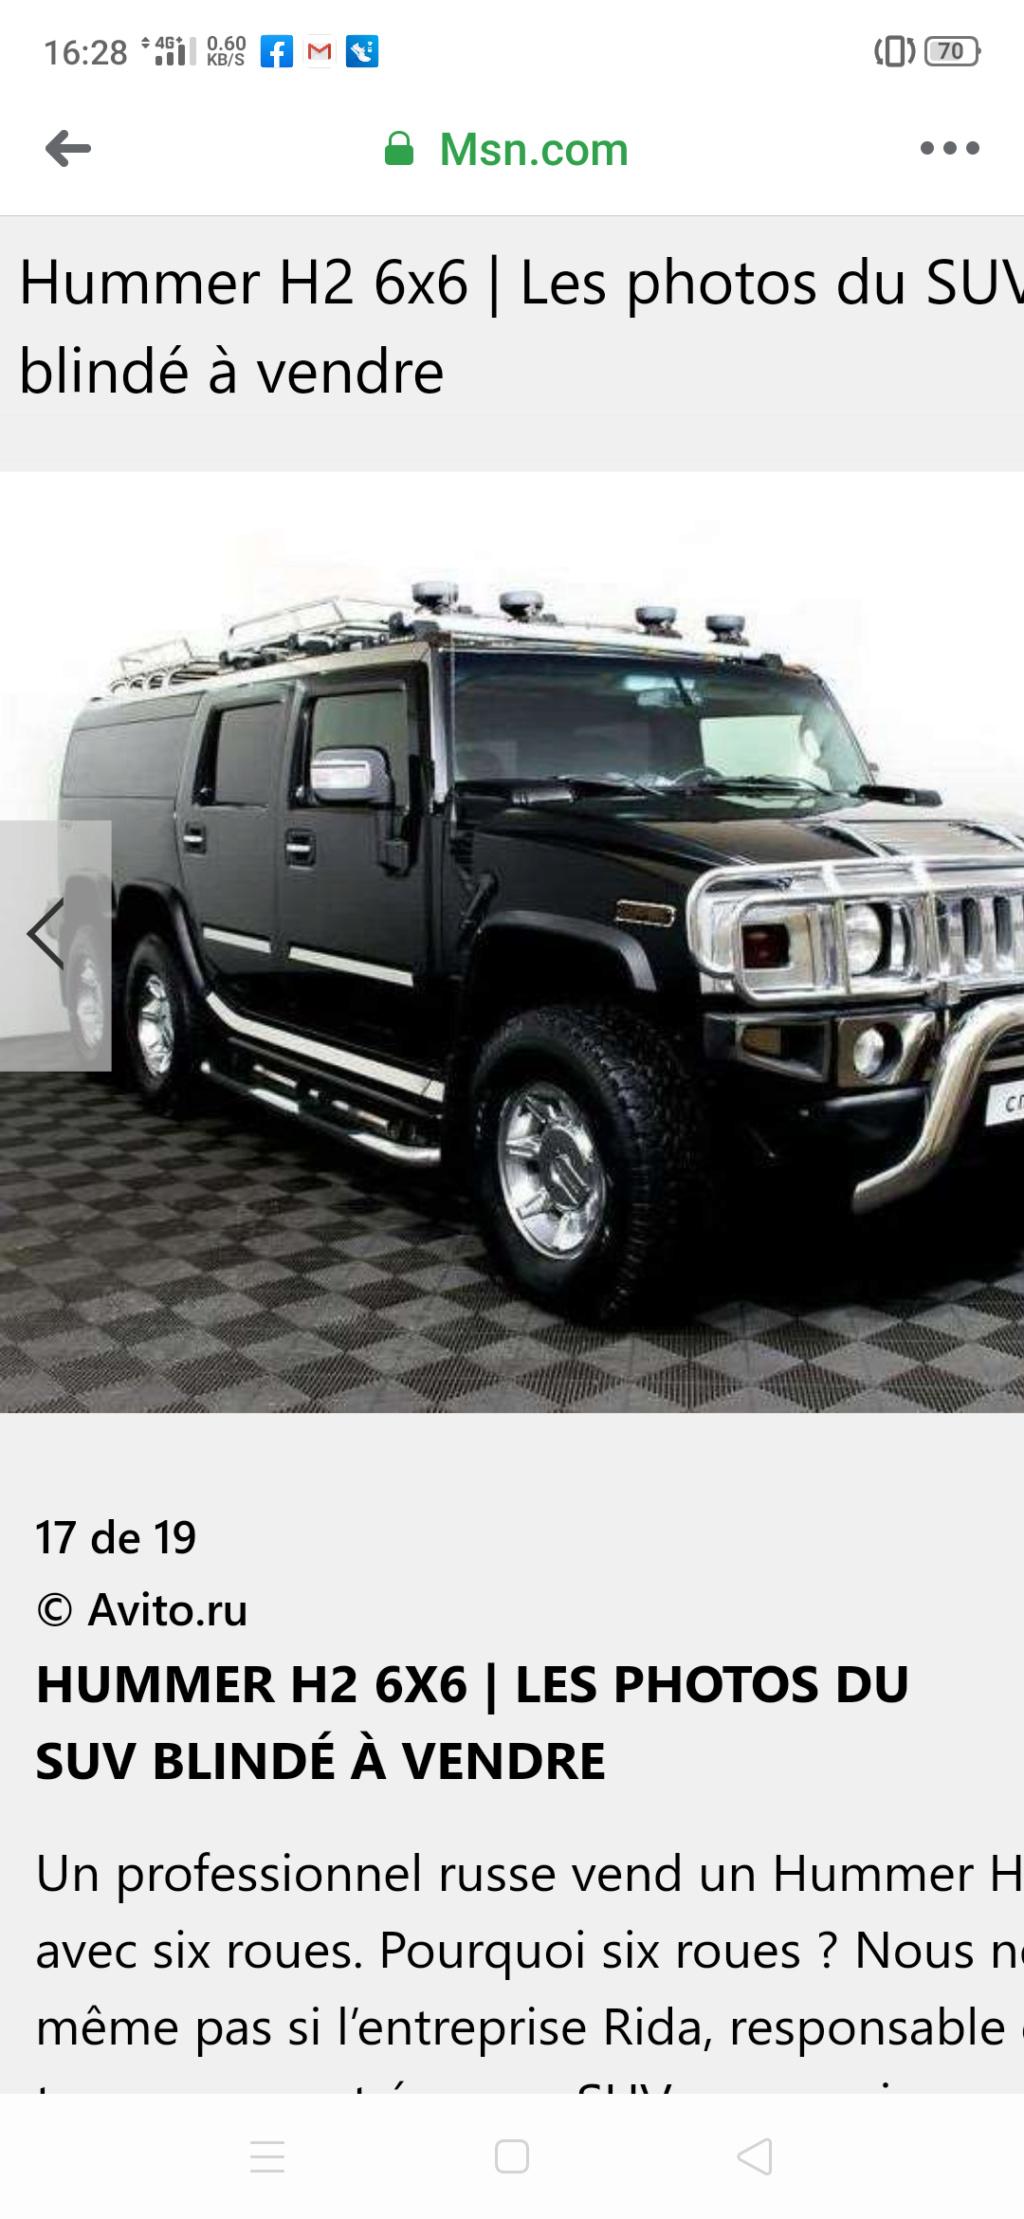 Hummer H2 6x6 : Jamais trop de chrome pour ce SUV blindé ☠️☠️☠️ BLINDÉ À VENDRE Screen16